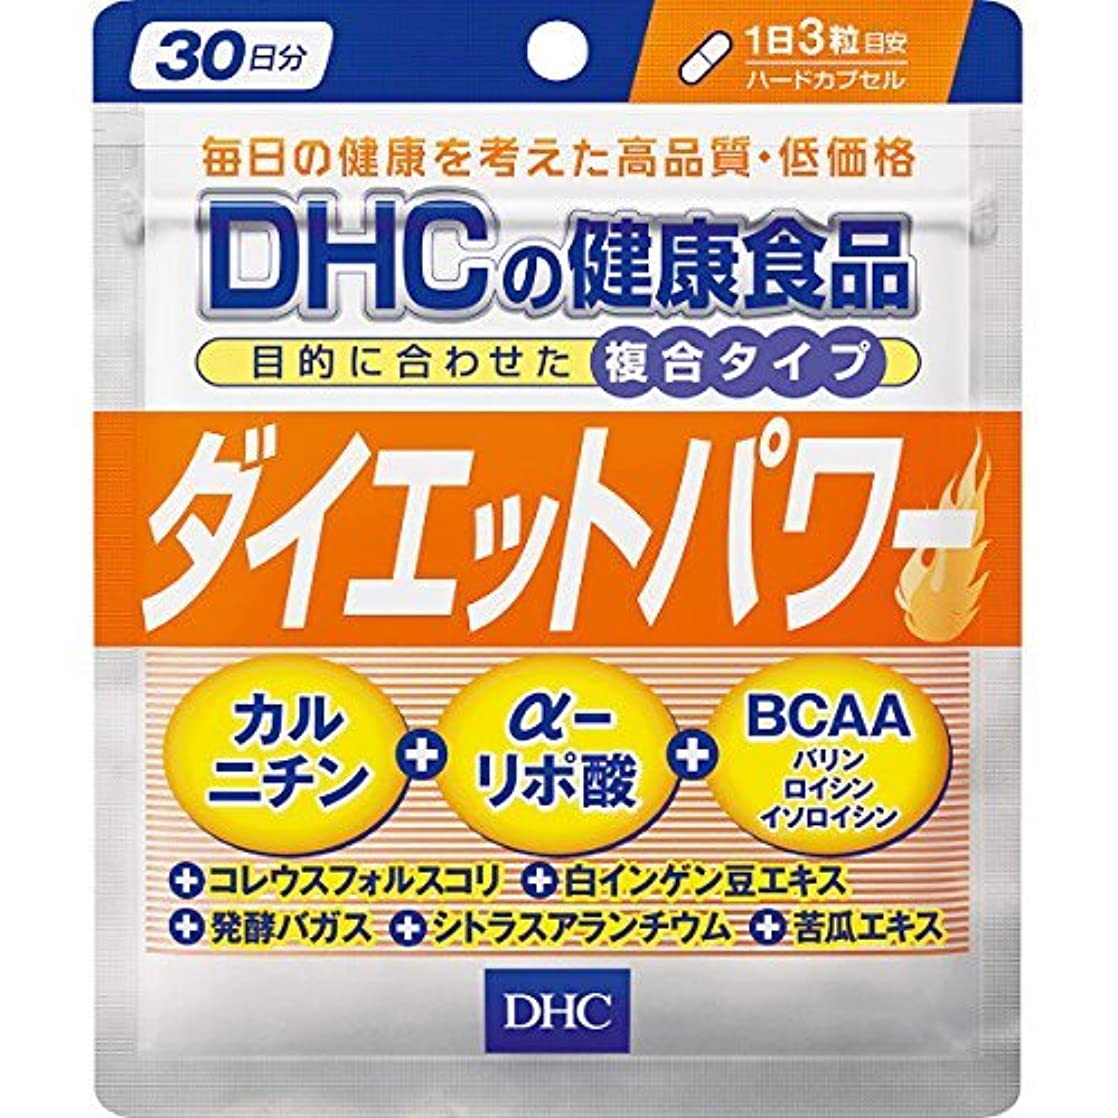 スラム国民補正DHC ダイエットパワー 30日分